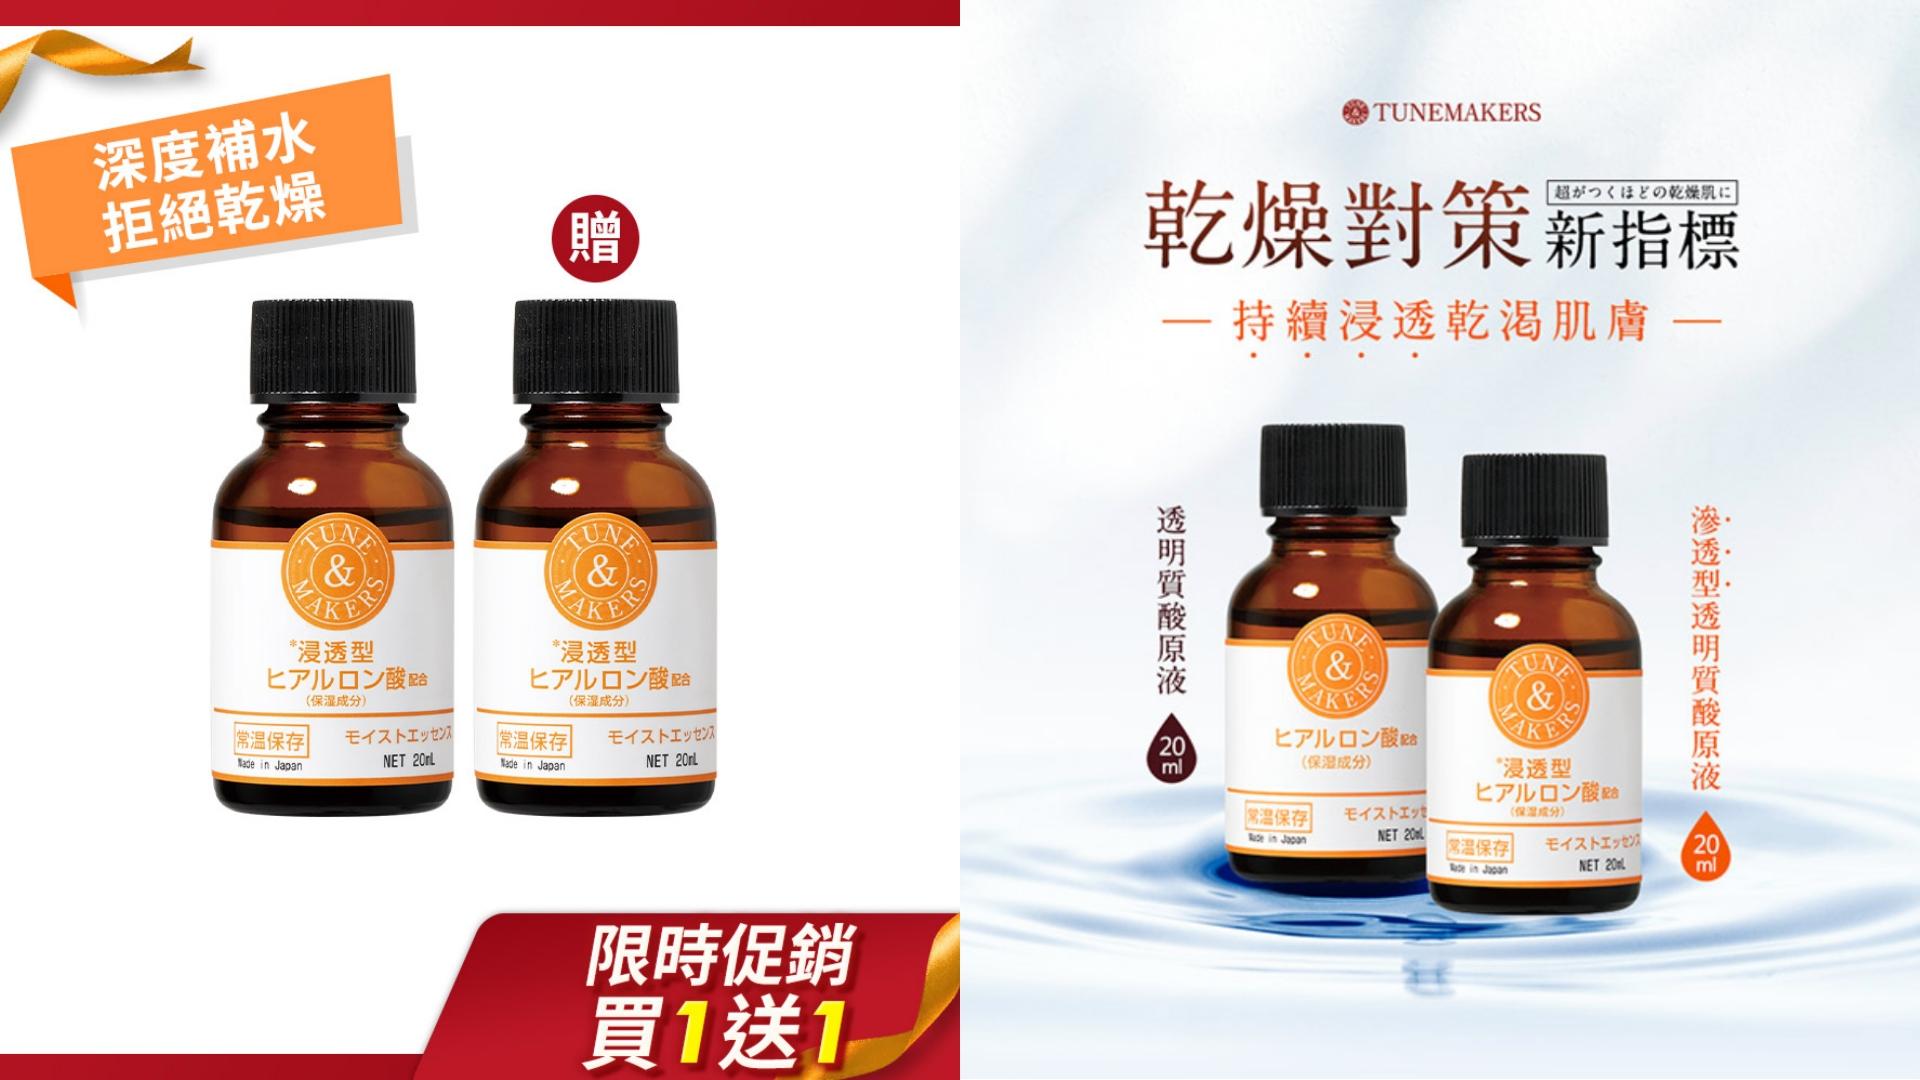 日本皮膚科醫師小林智子推薦,給肌膚最單純的保濕,捨去多餘添加物,無礦物油、無酒精、無人工色素。能幫助改善粗大毛孔、平衡出油、蠟黃膚況。